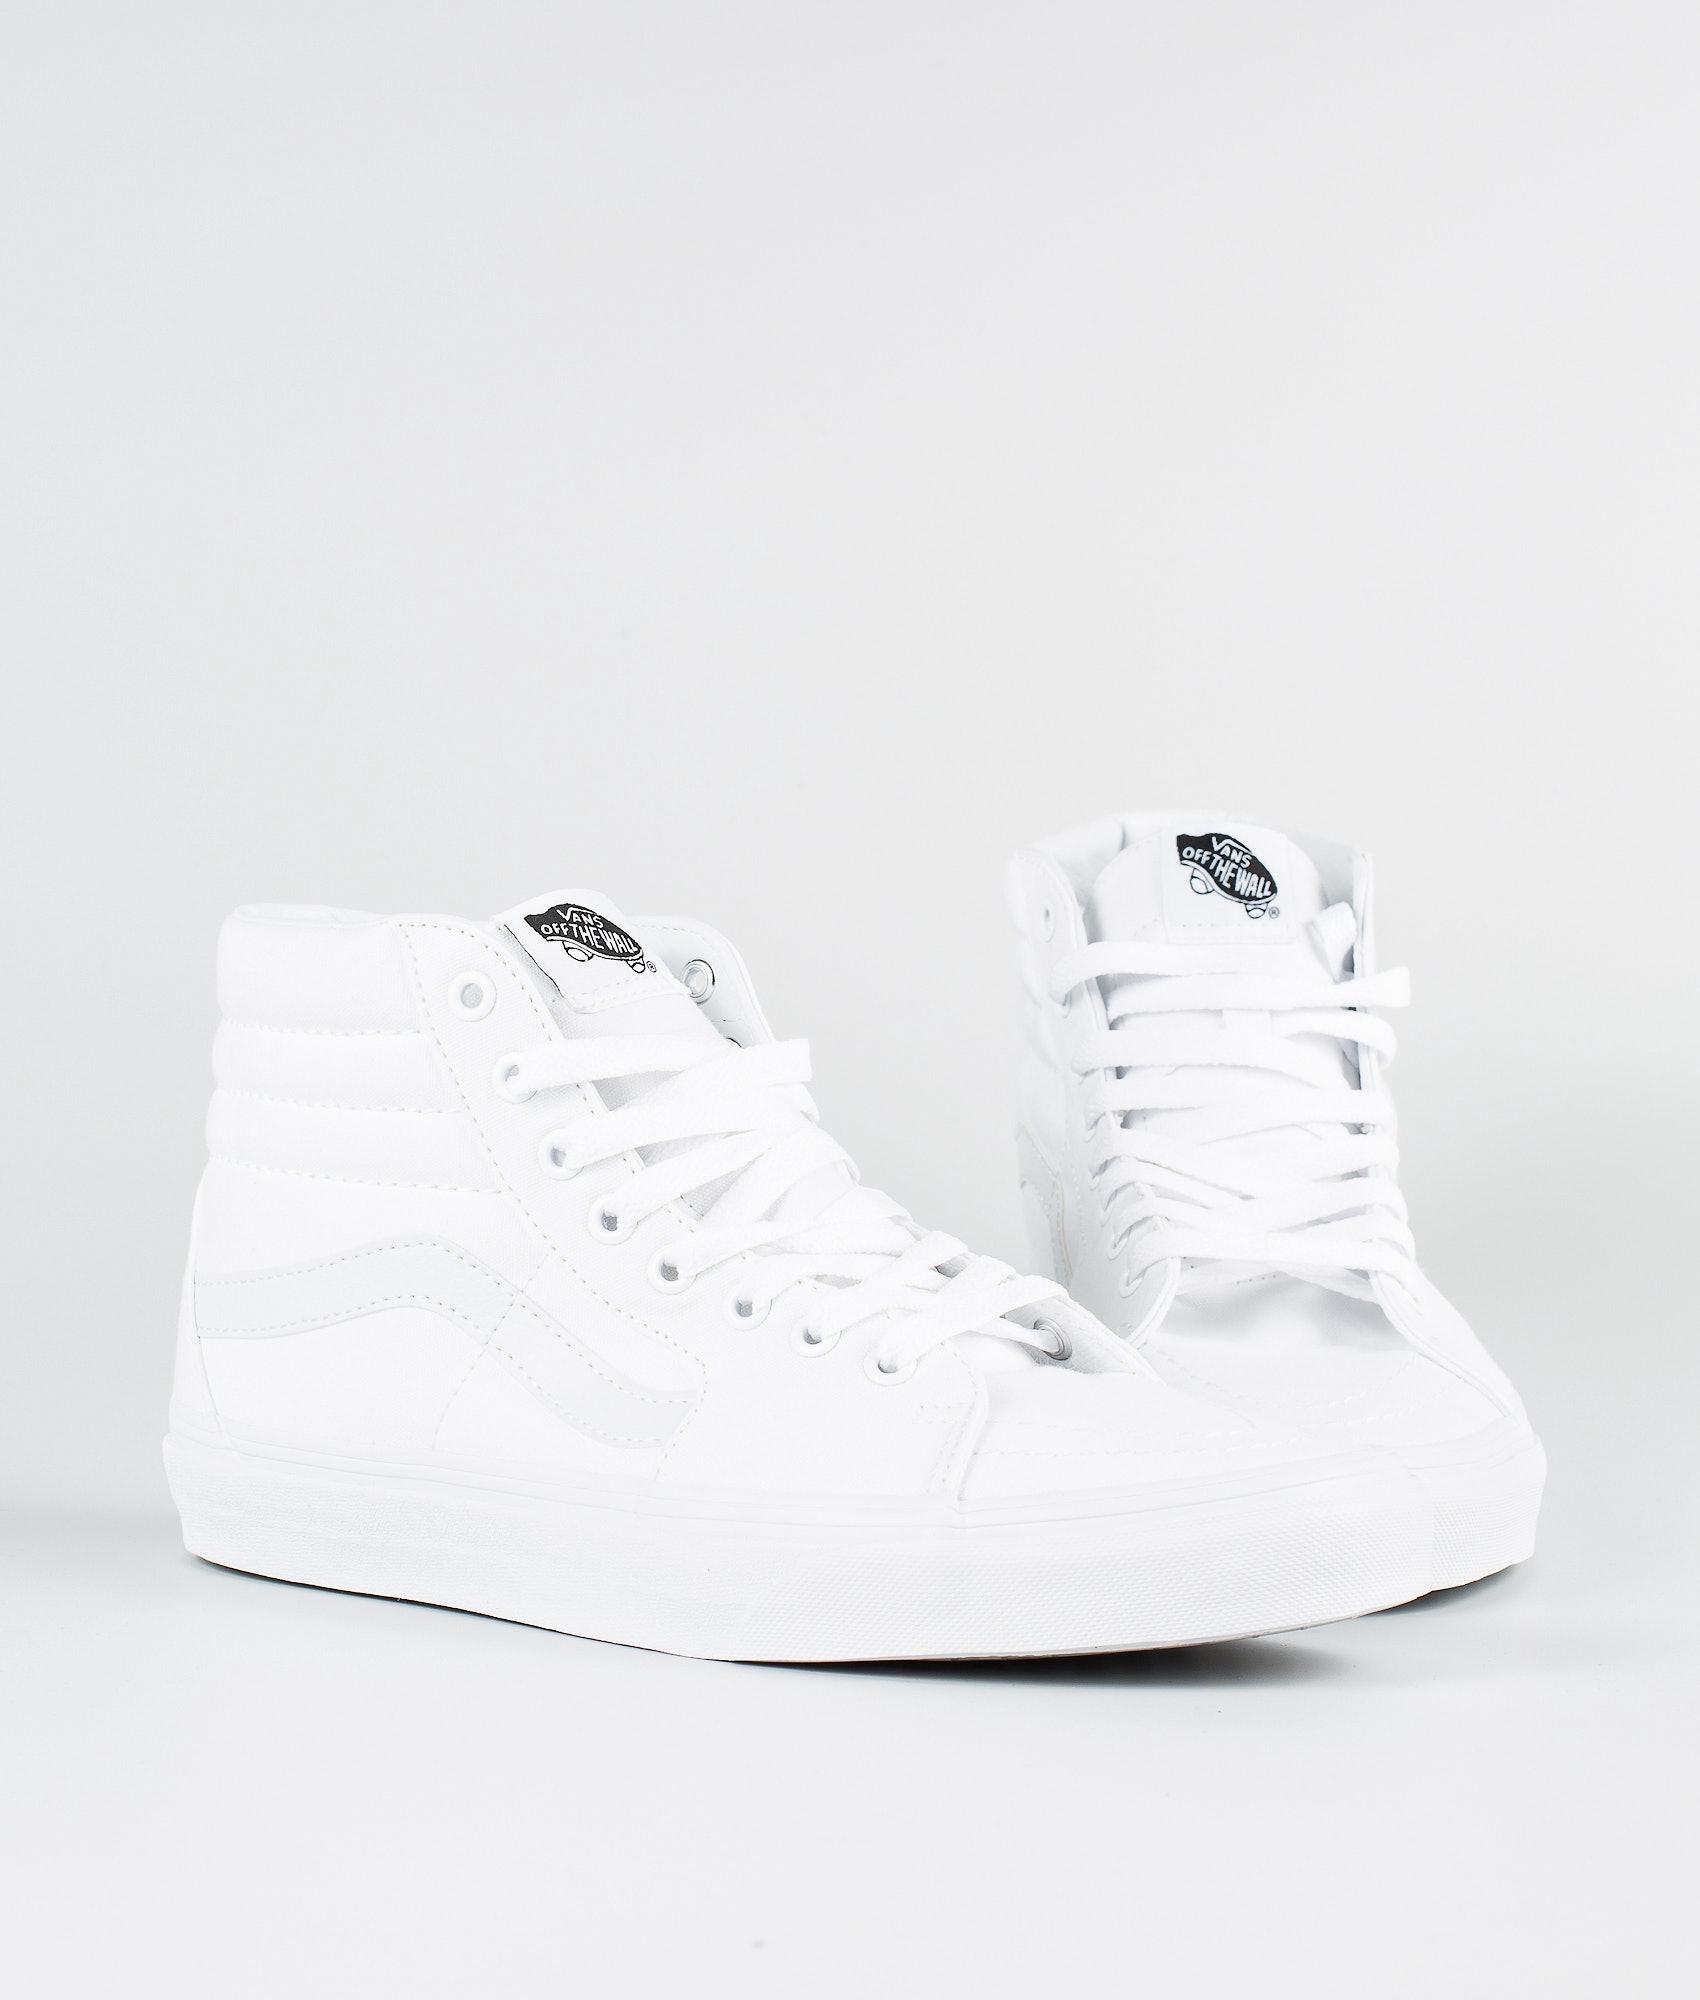 fc855629bc Vans Sk8-Hi Shoes True White - Ridestore.com